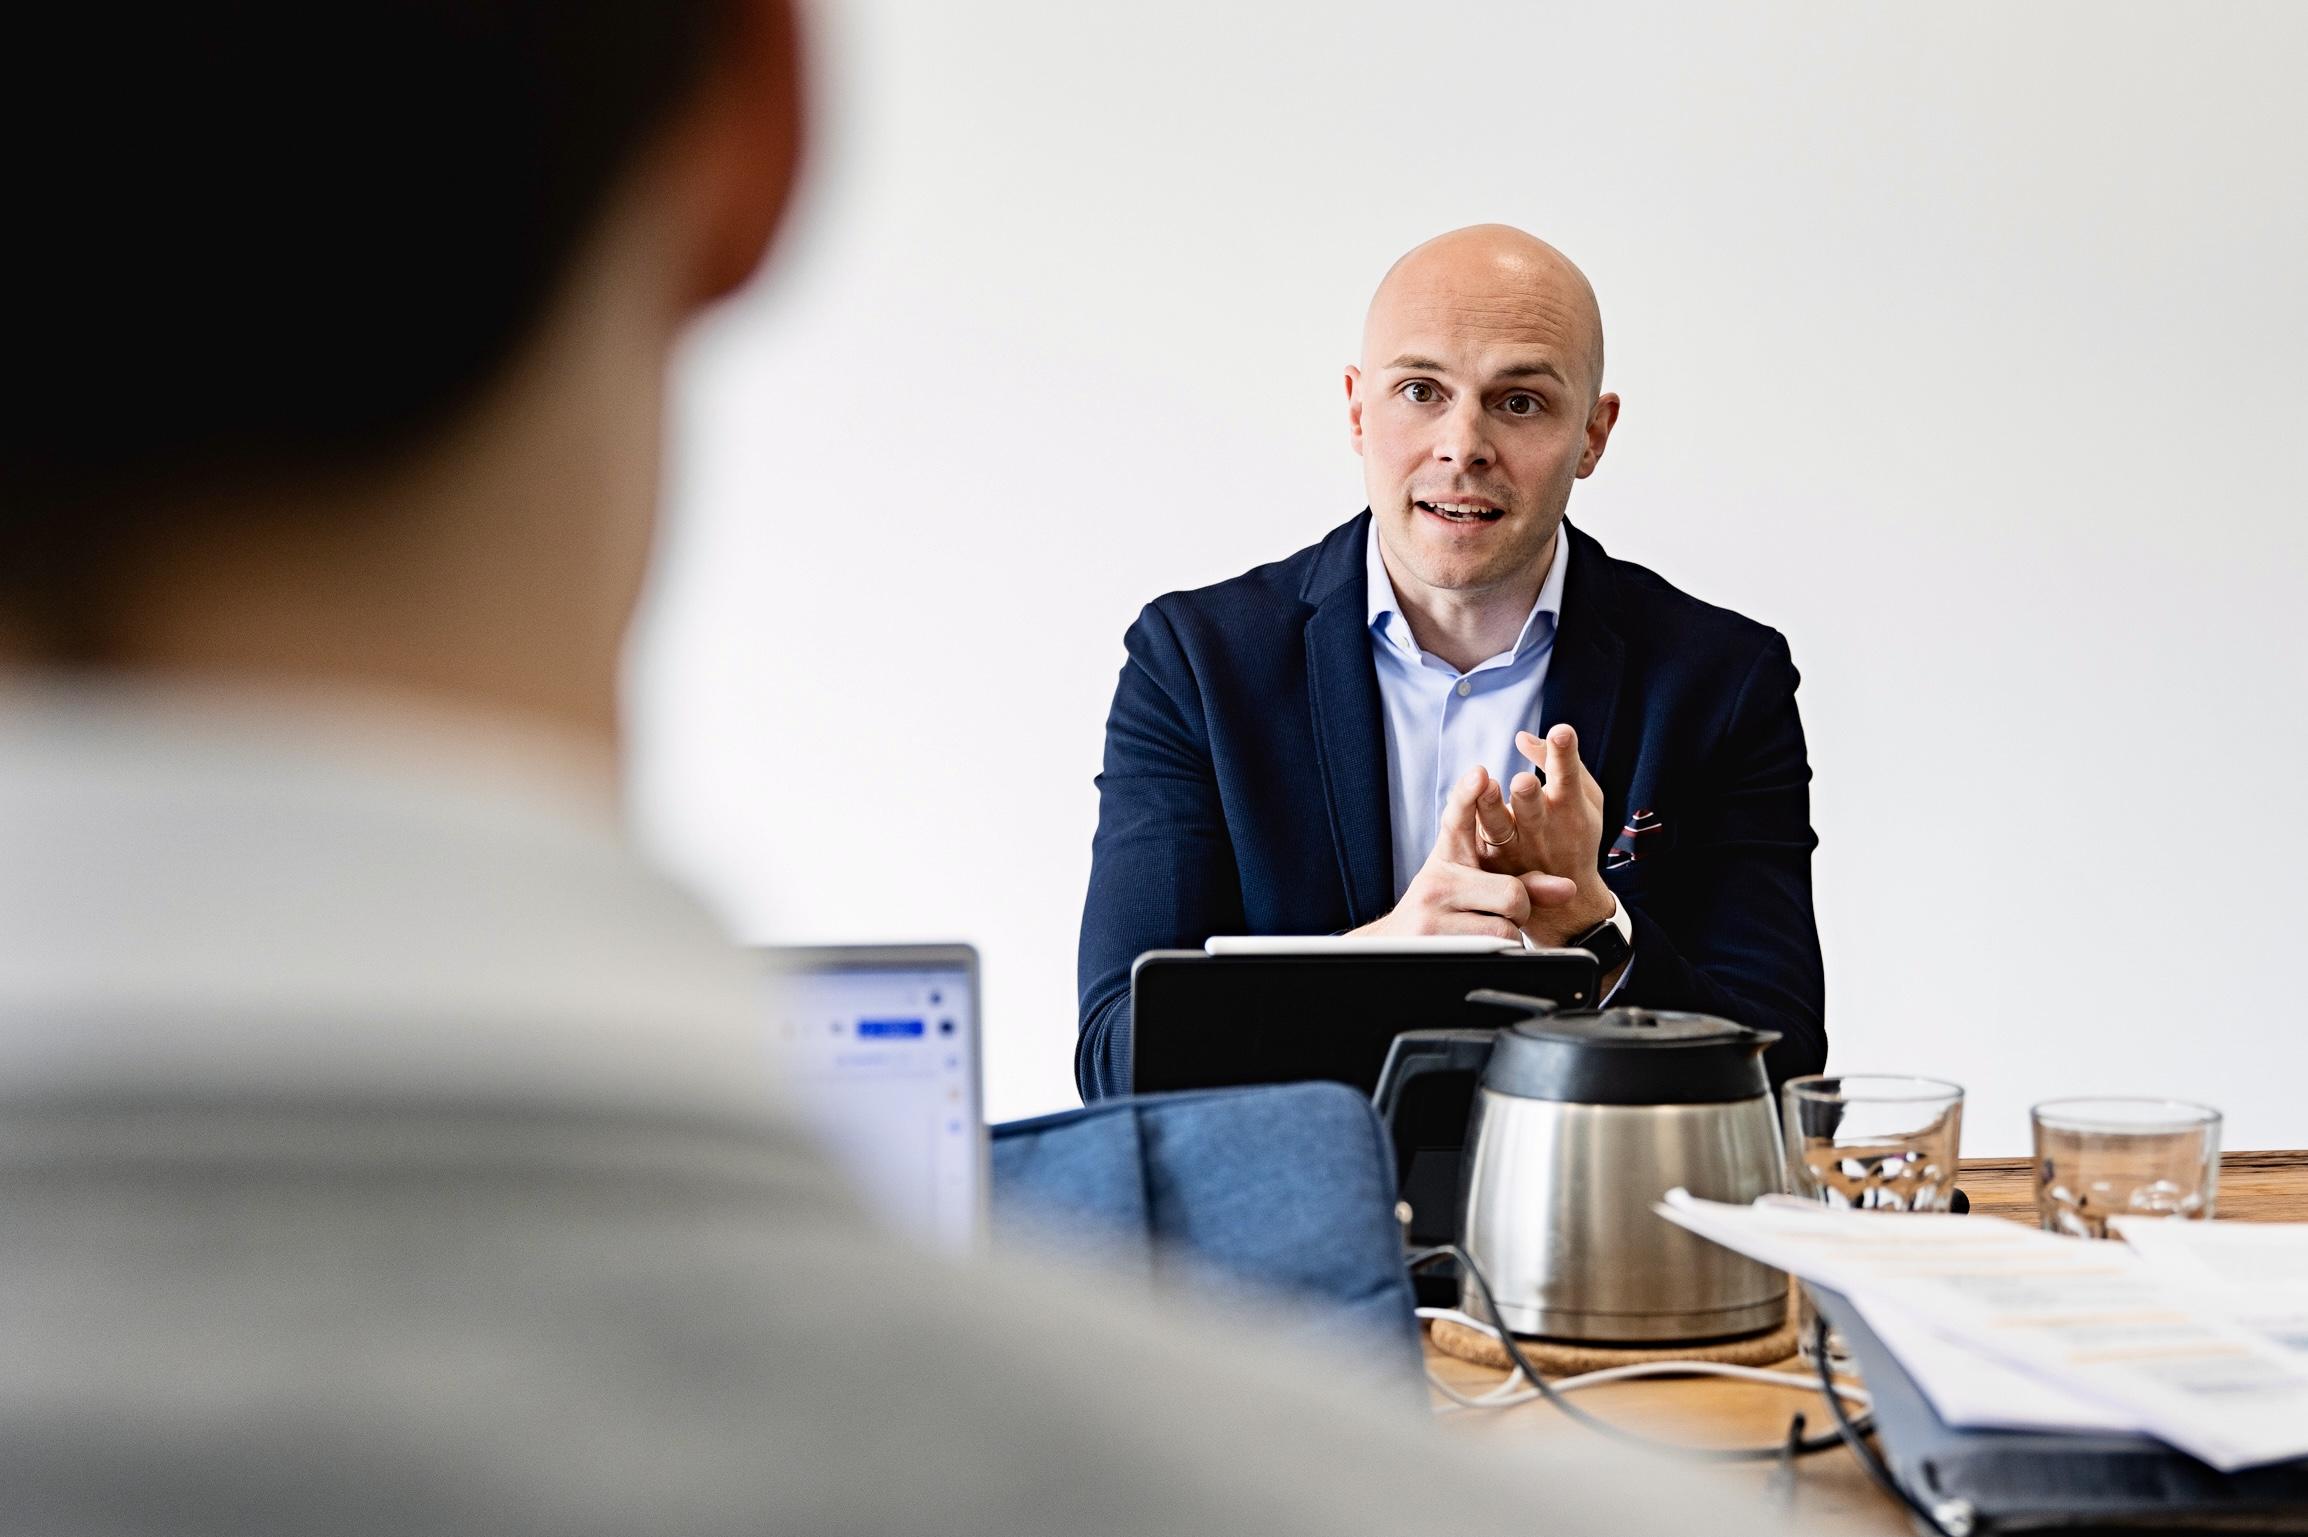 Ein Bild von Arne Böhm wie er jemanden am Tisch etwas erklärt